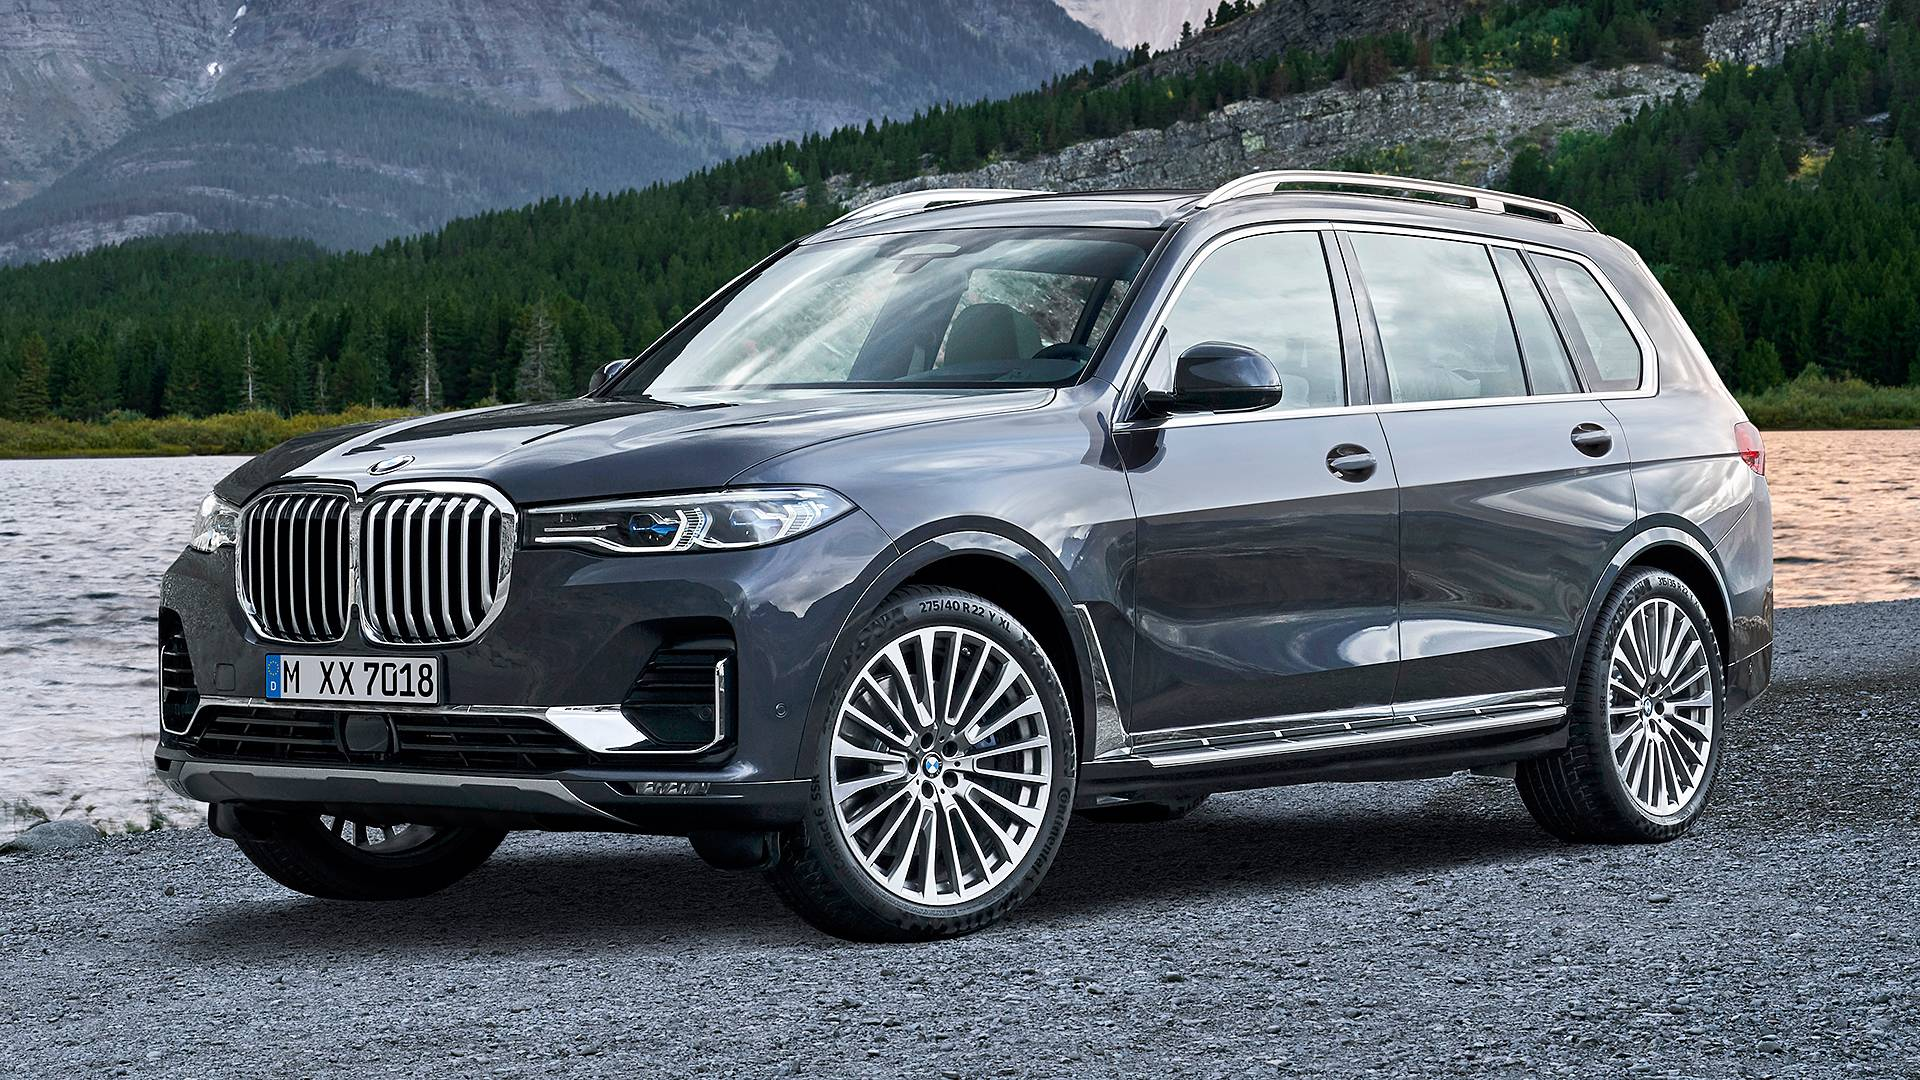 Mẫu xe SUV hạng sang BMW X7 giảm giá 350 triệu đồng